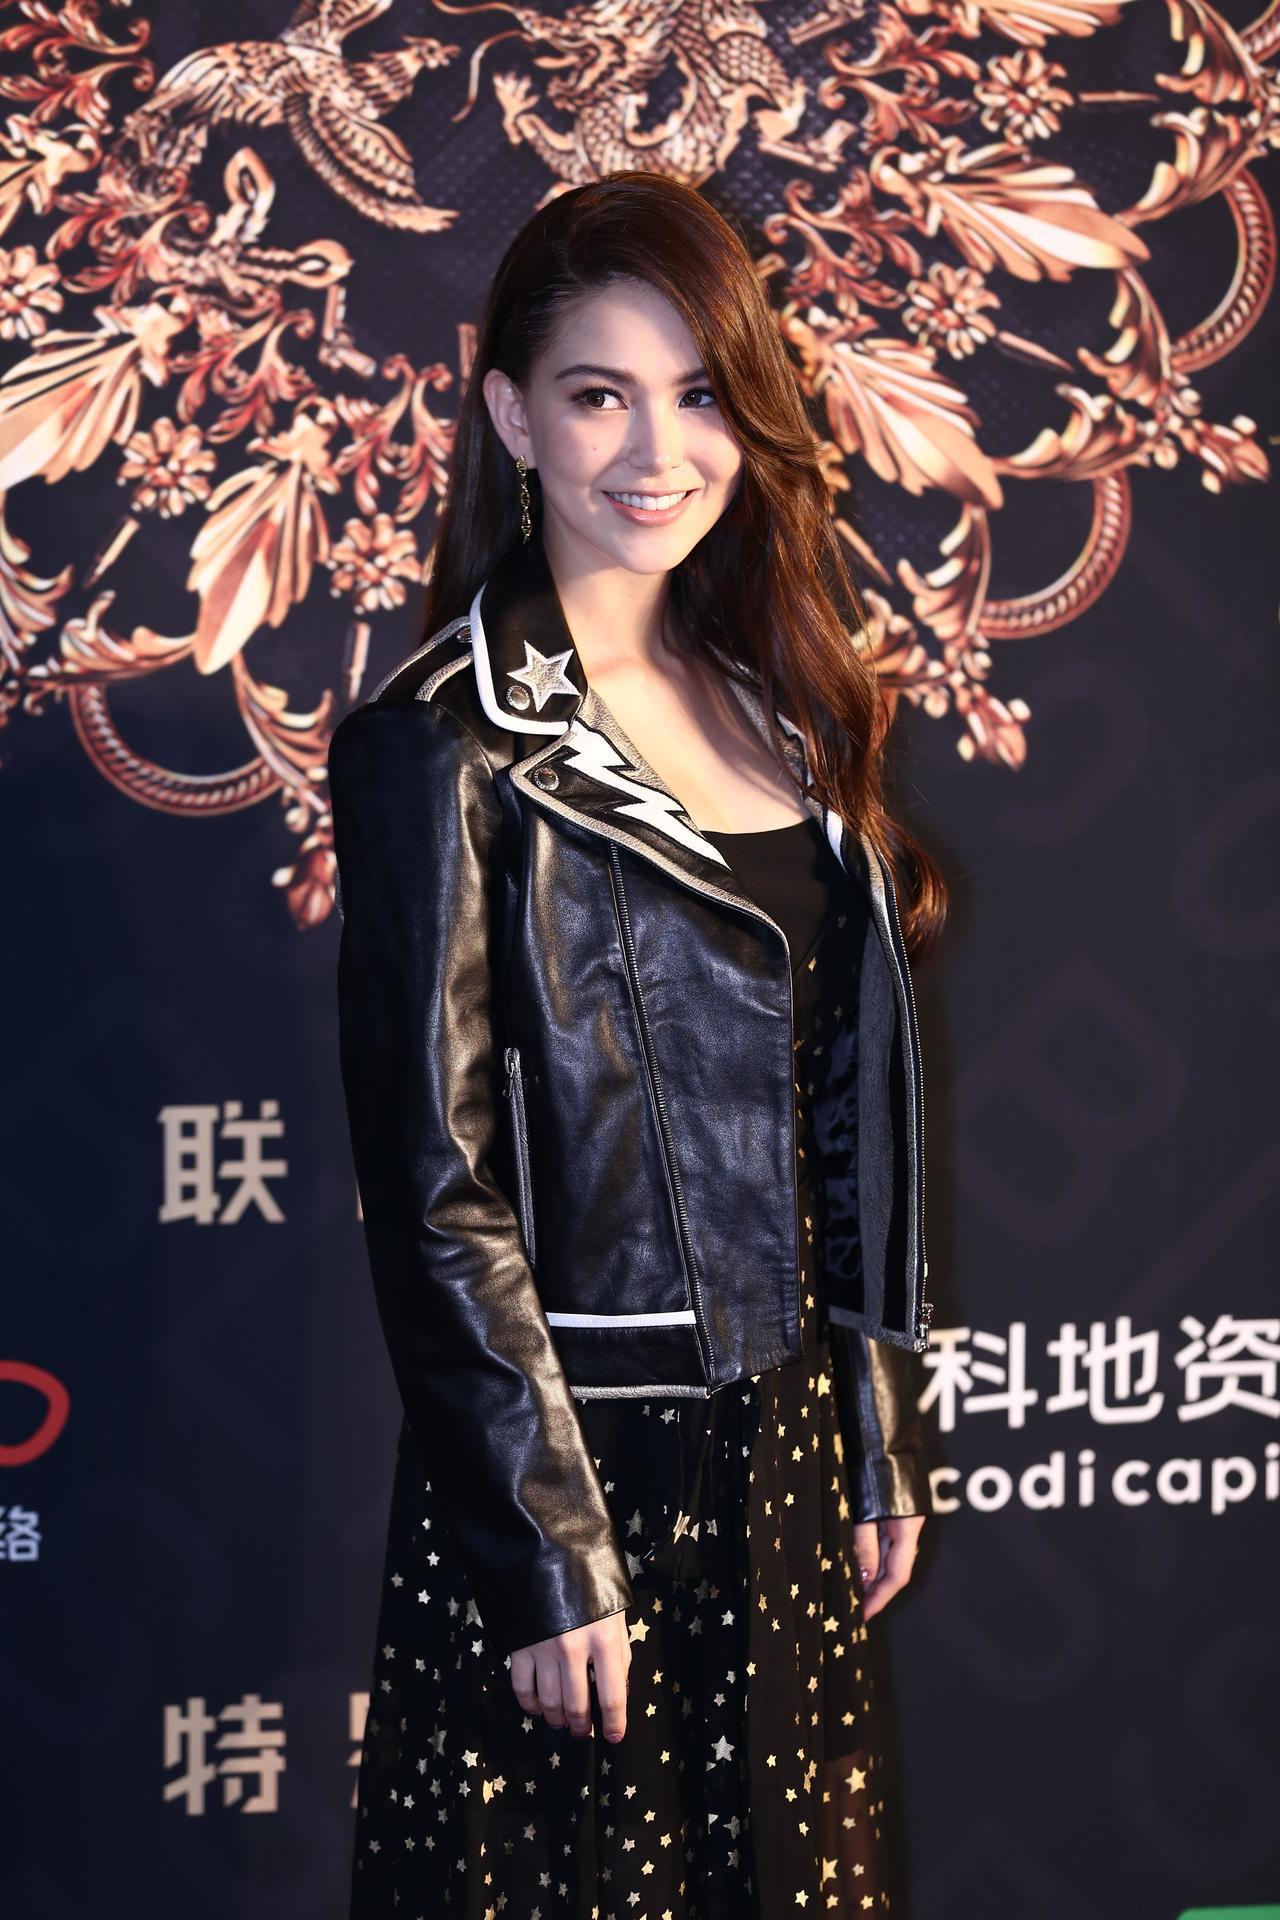 昆凌選穿REDValentino早秋金色星星連身洋裝,外罩一件帥氣皮衣,領口處同樣有星星圖案,混搭出甜美性格。